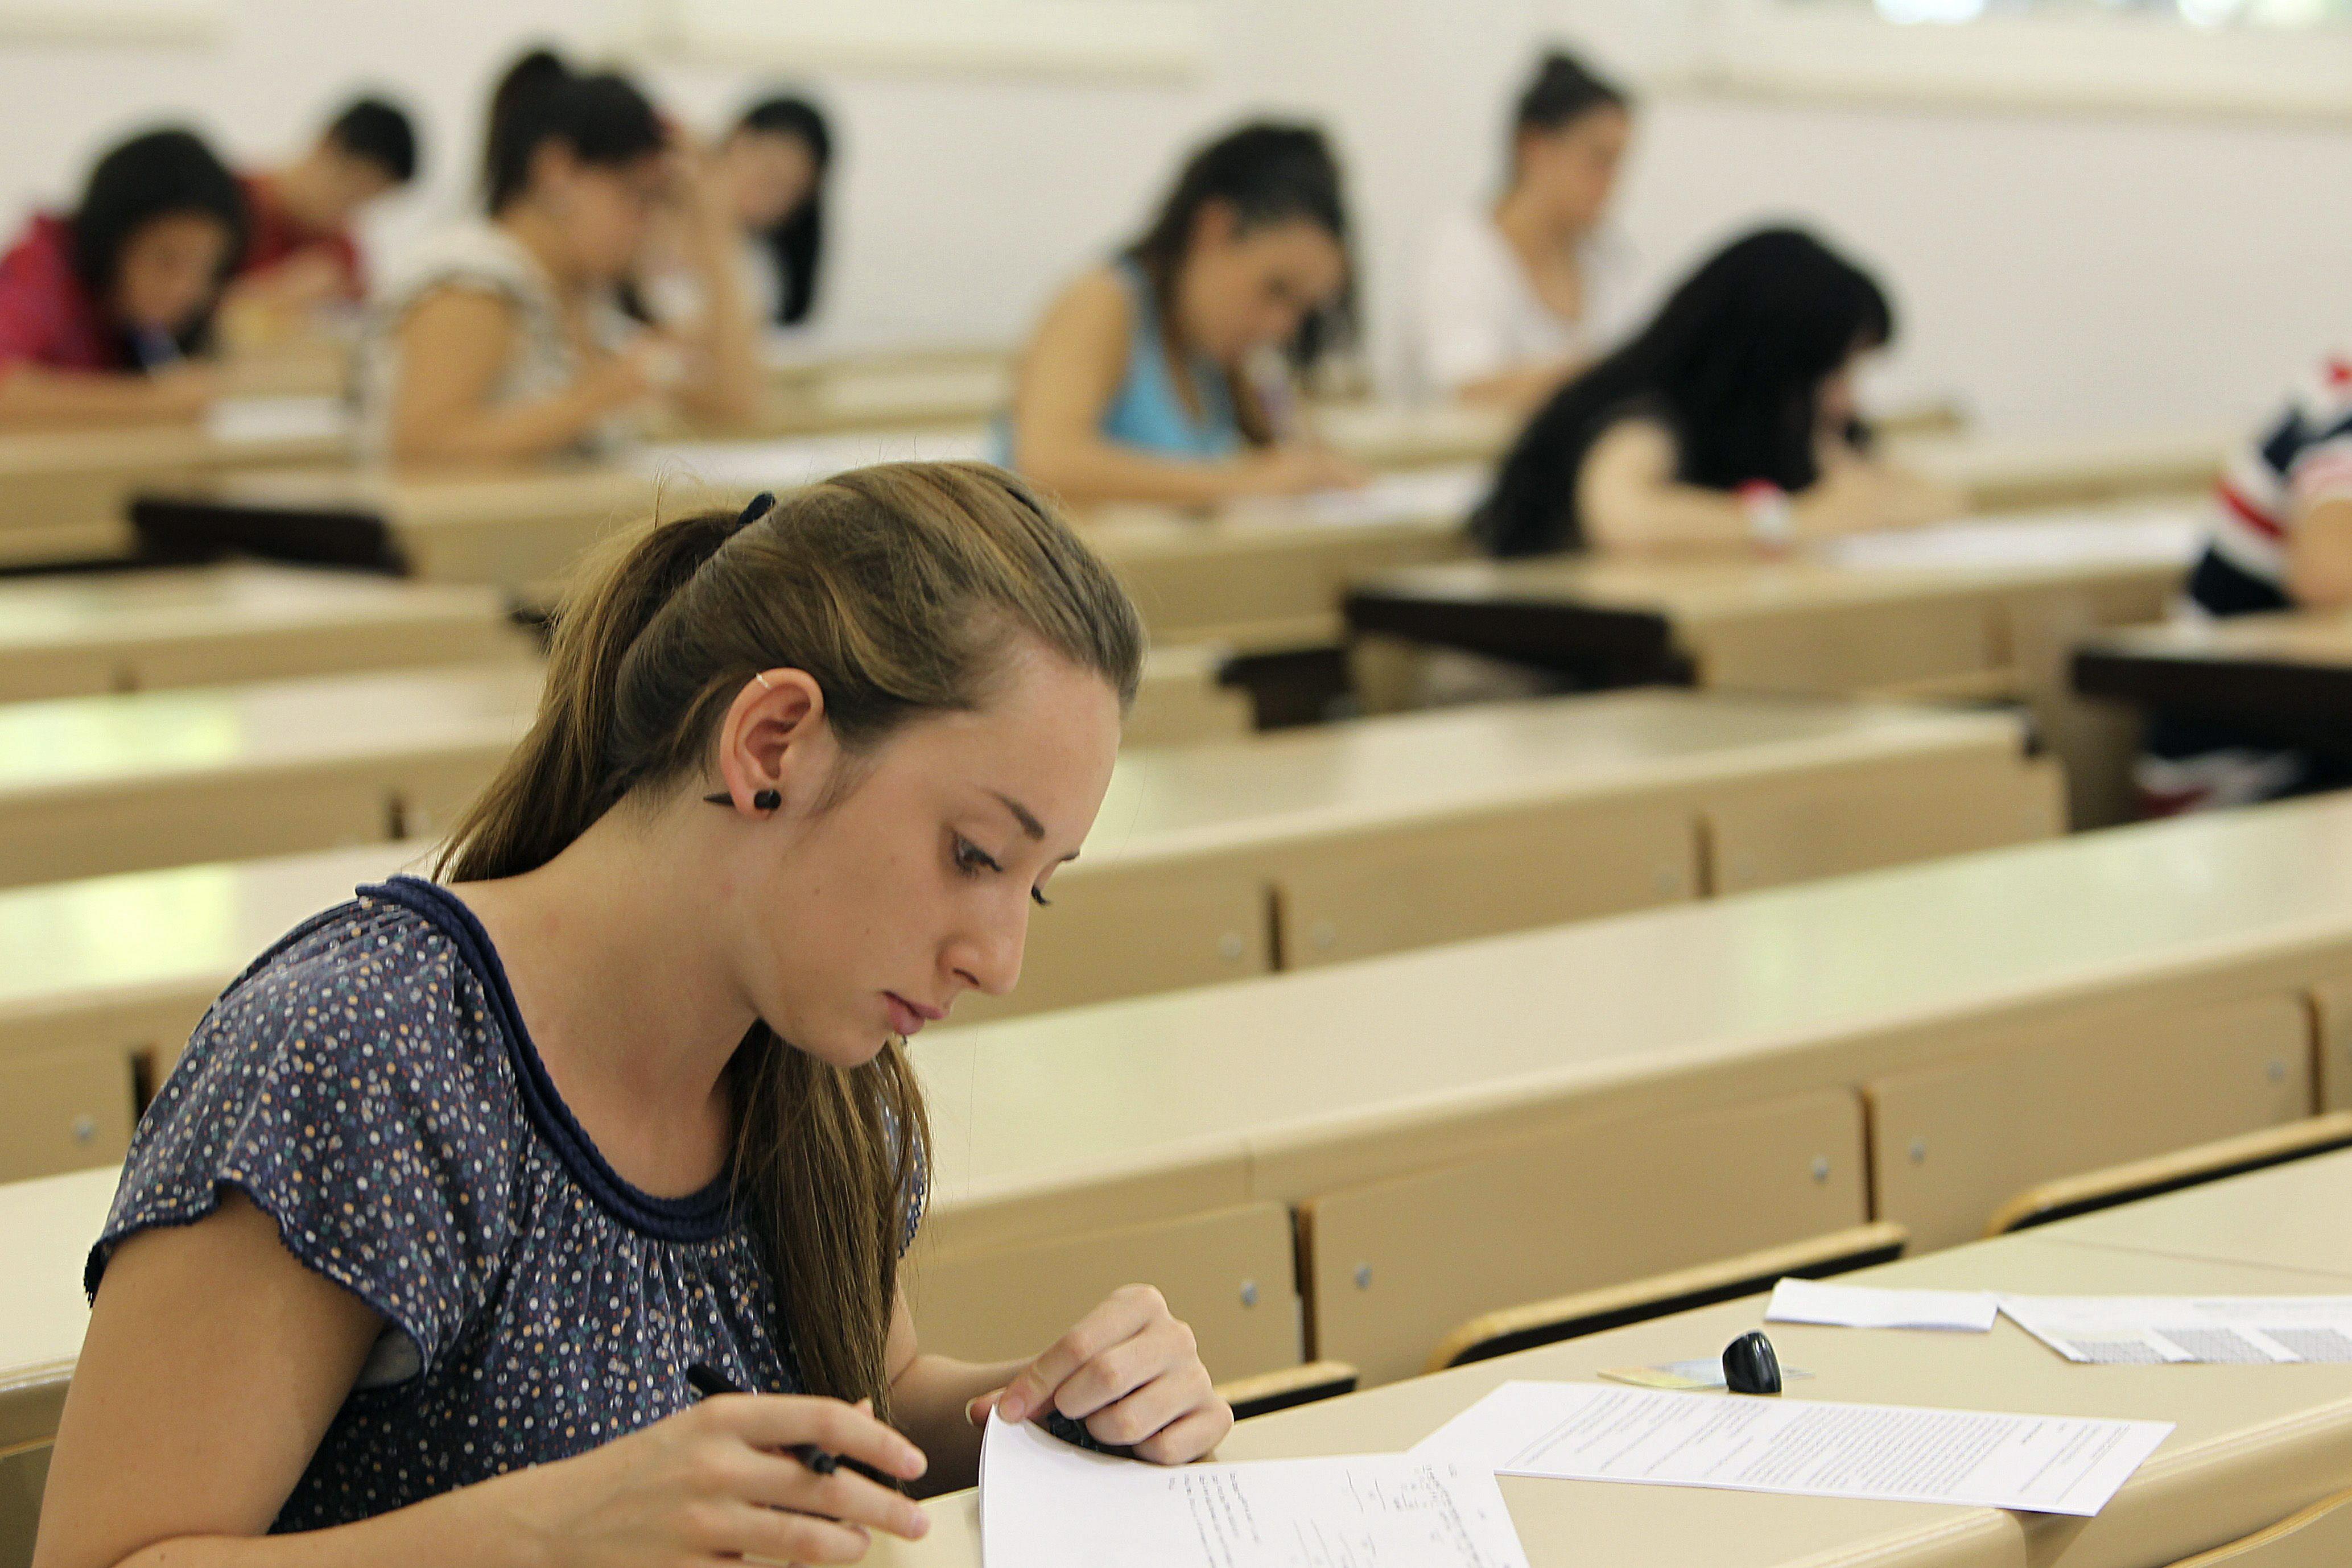 Detenida una universitaria que suplantó a una compañera de piso en 5 exámenes